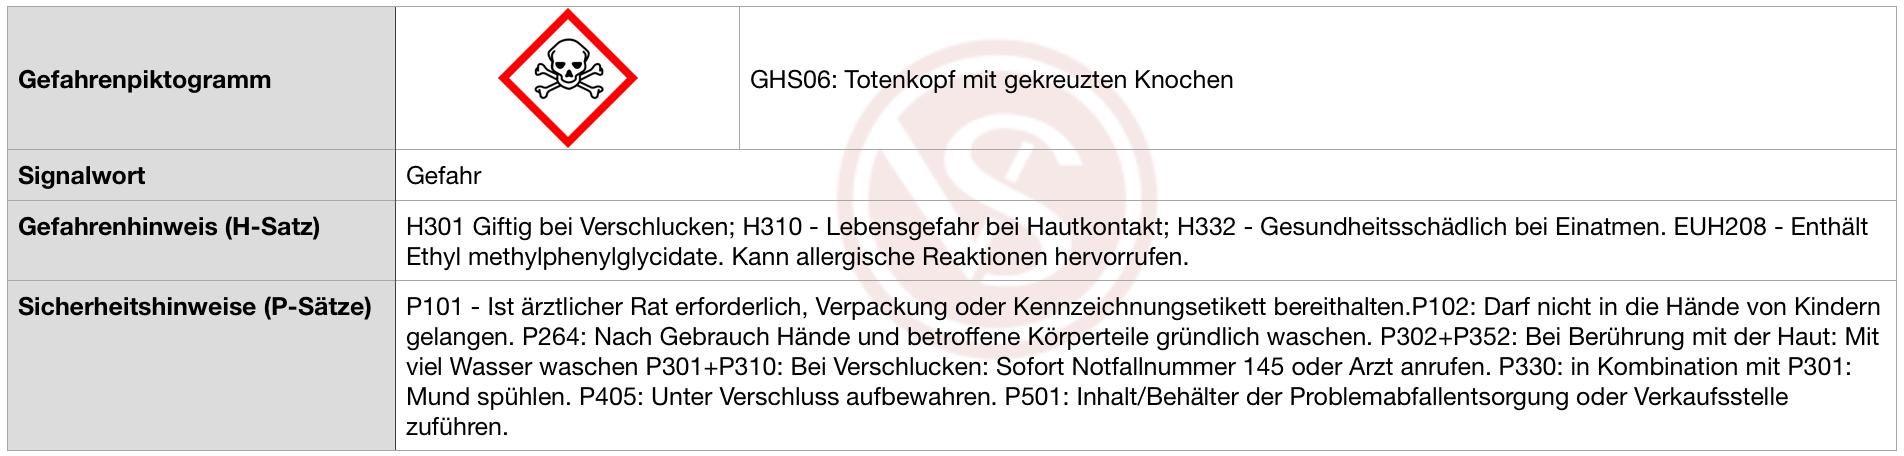 Gefahr_H301_H310_H332_EUH208